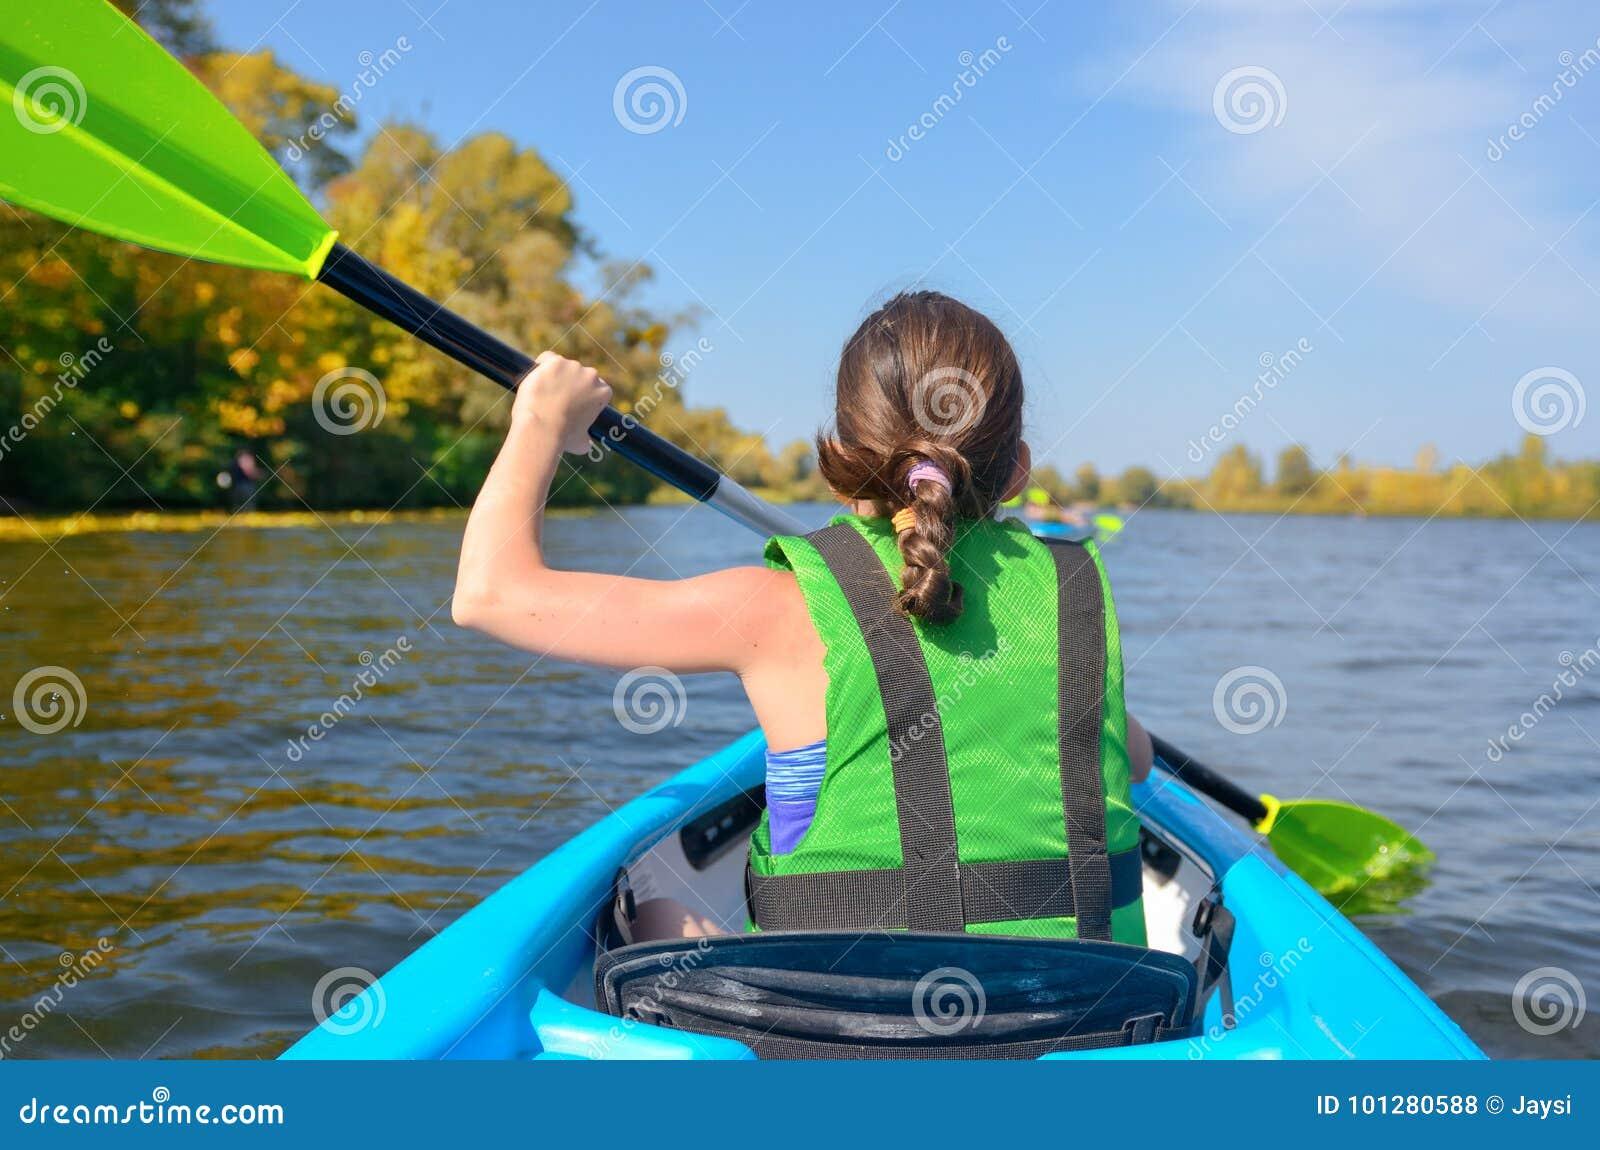 Kayak fahren, Kind, das im Kajak auf Flusskanuausflug schaufeln, Kind am aktiven Herbstwochenende und Ferien der Familie